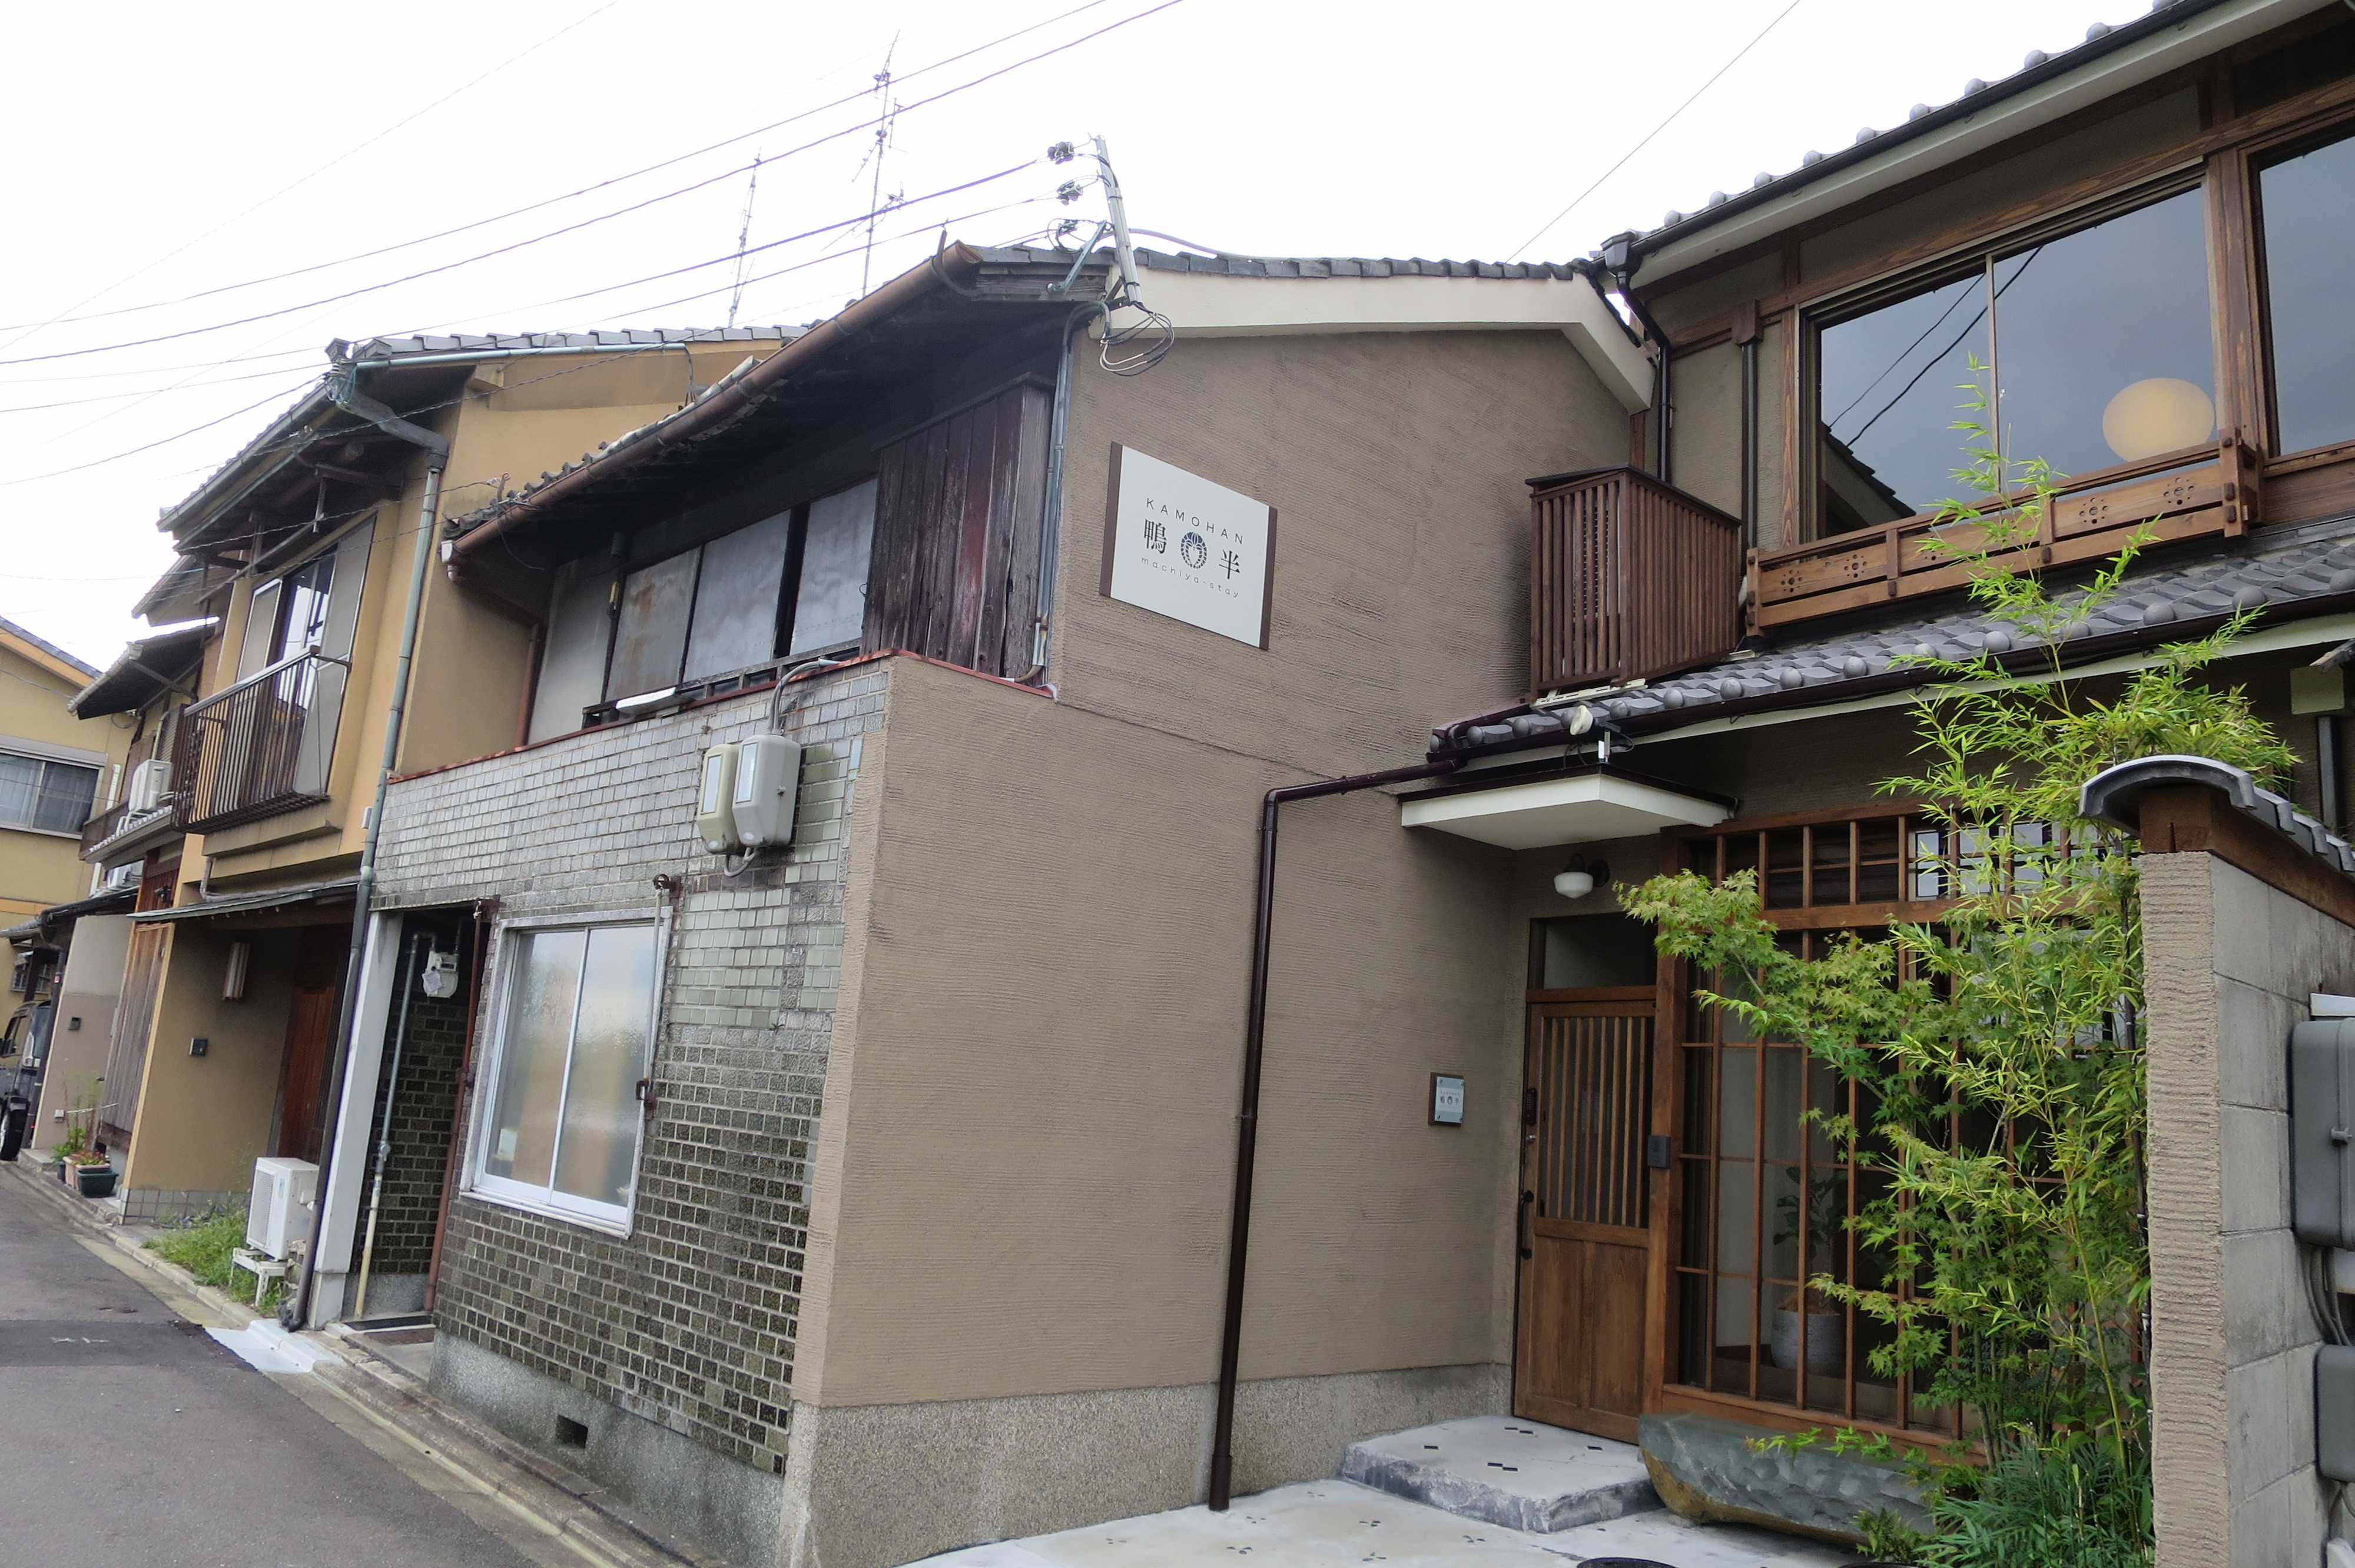 京都・五条 - 裏路地の表情